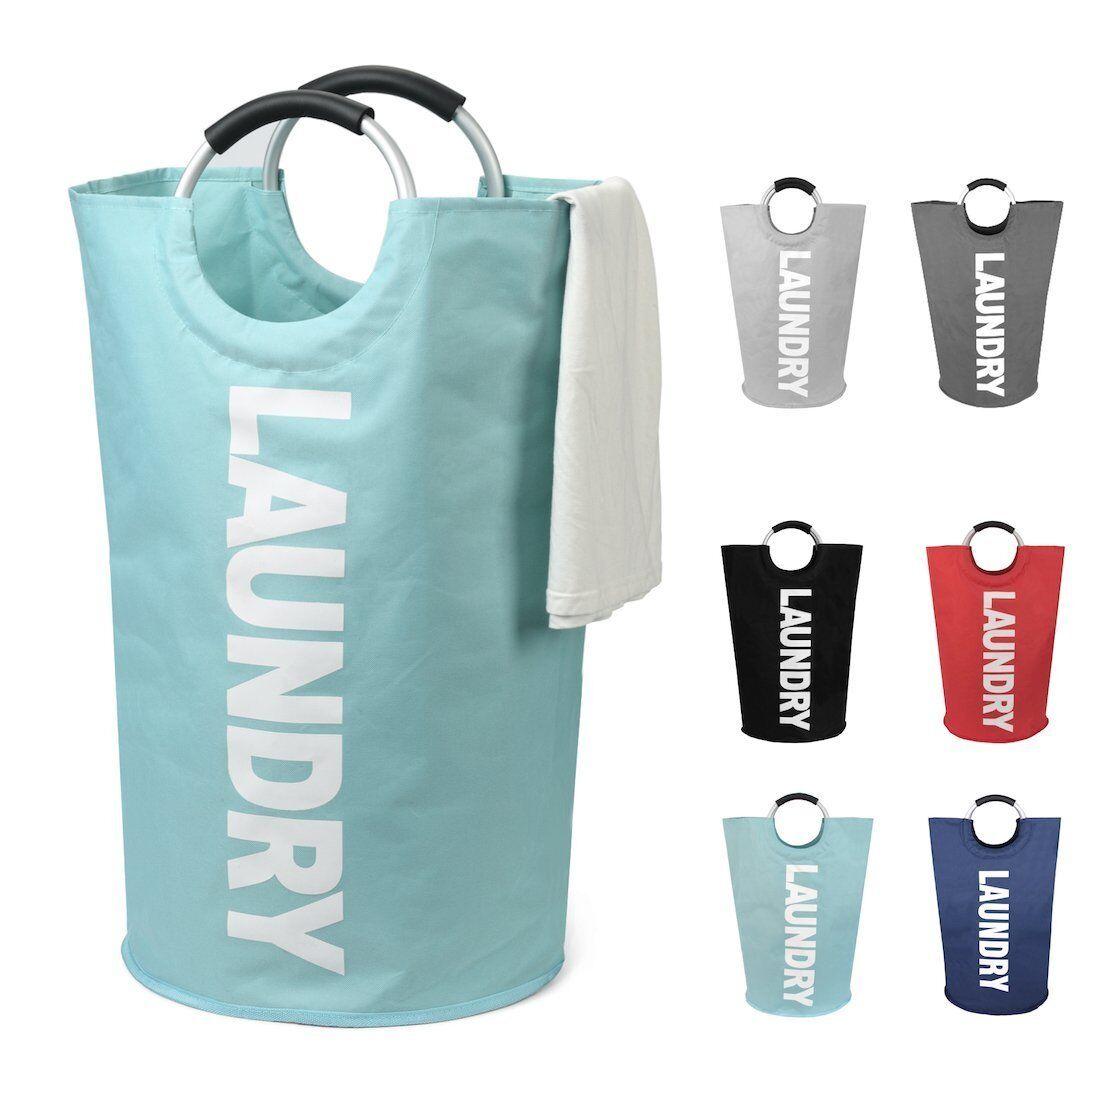 Large Laundry Basket, Collapsible Laundry Hamper, Foldable C